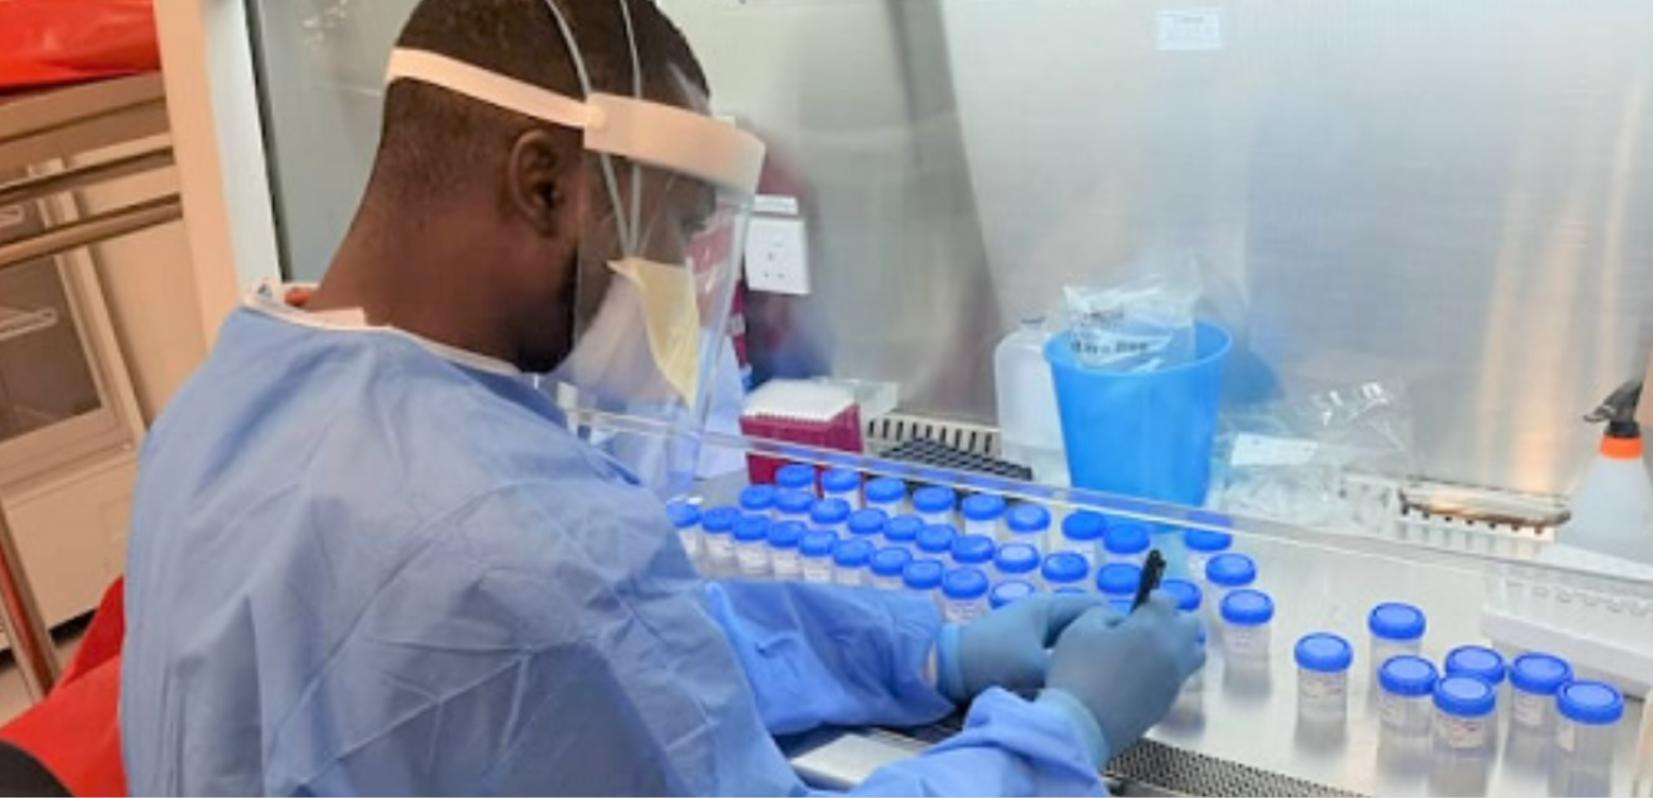 可視光応答形光触媒を採用した水性塗料塗膜表面における 新型コロナウイルス不活性効果を確認 ~ガーナ大学医学部附属野口記念医学研究所と共同実験~